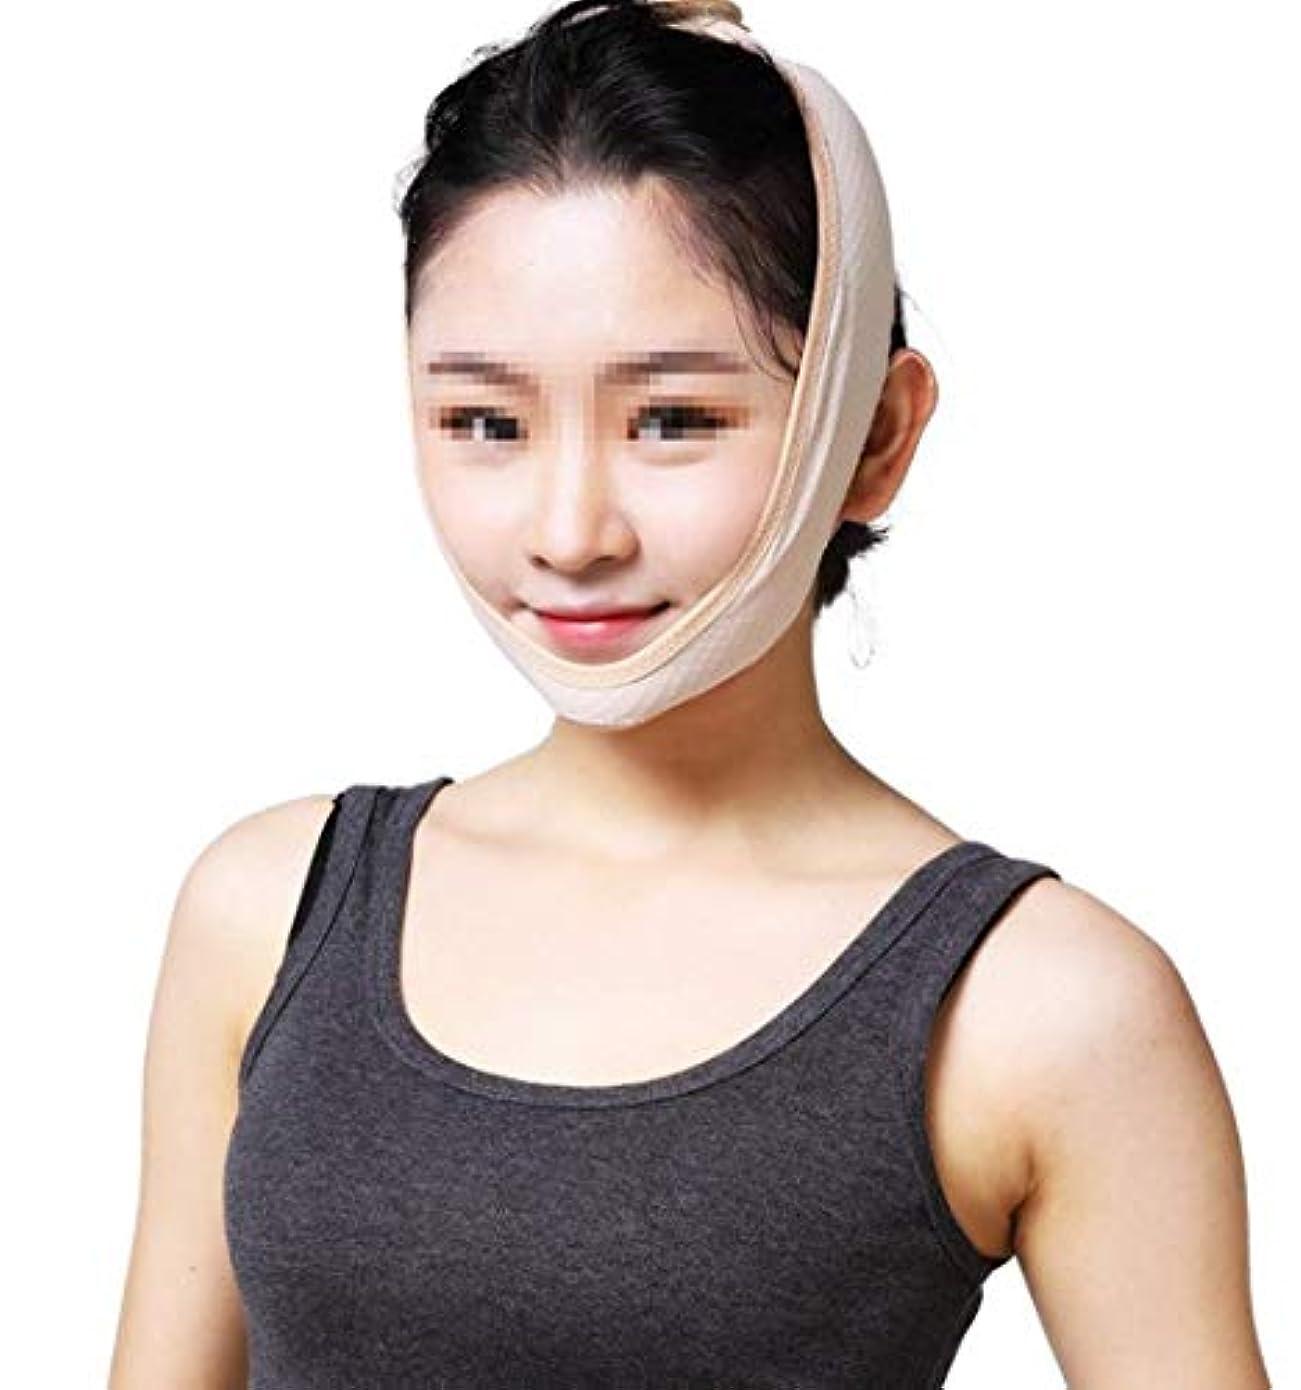 メッシュ溝周波数顔を持ち上げる包帯、口を開けて眠るのを防ぐための女性の通気性のいびきベルトいびきアーティファクトアンチあごの脱臼の修正包帯のいびき装置